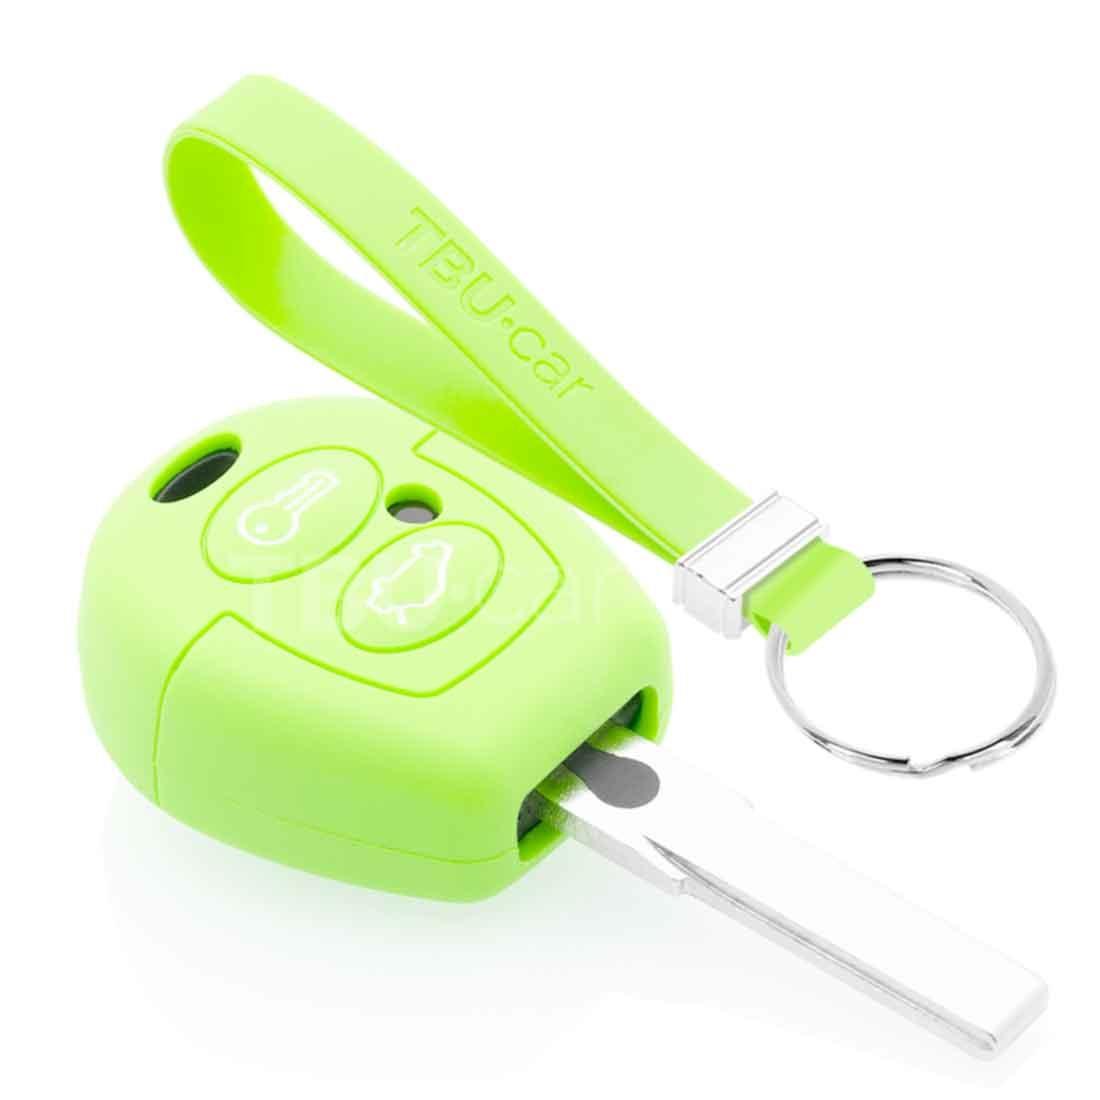 TBU car TBU car Autoschlüssel Hülle kompatibel mit Ford 2 Tasten - Schutzhülle aus Silikon - Auto Schlüsselhülle Cover in Im Dunkeln leuchten